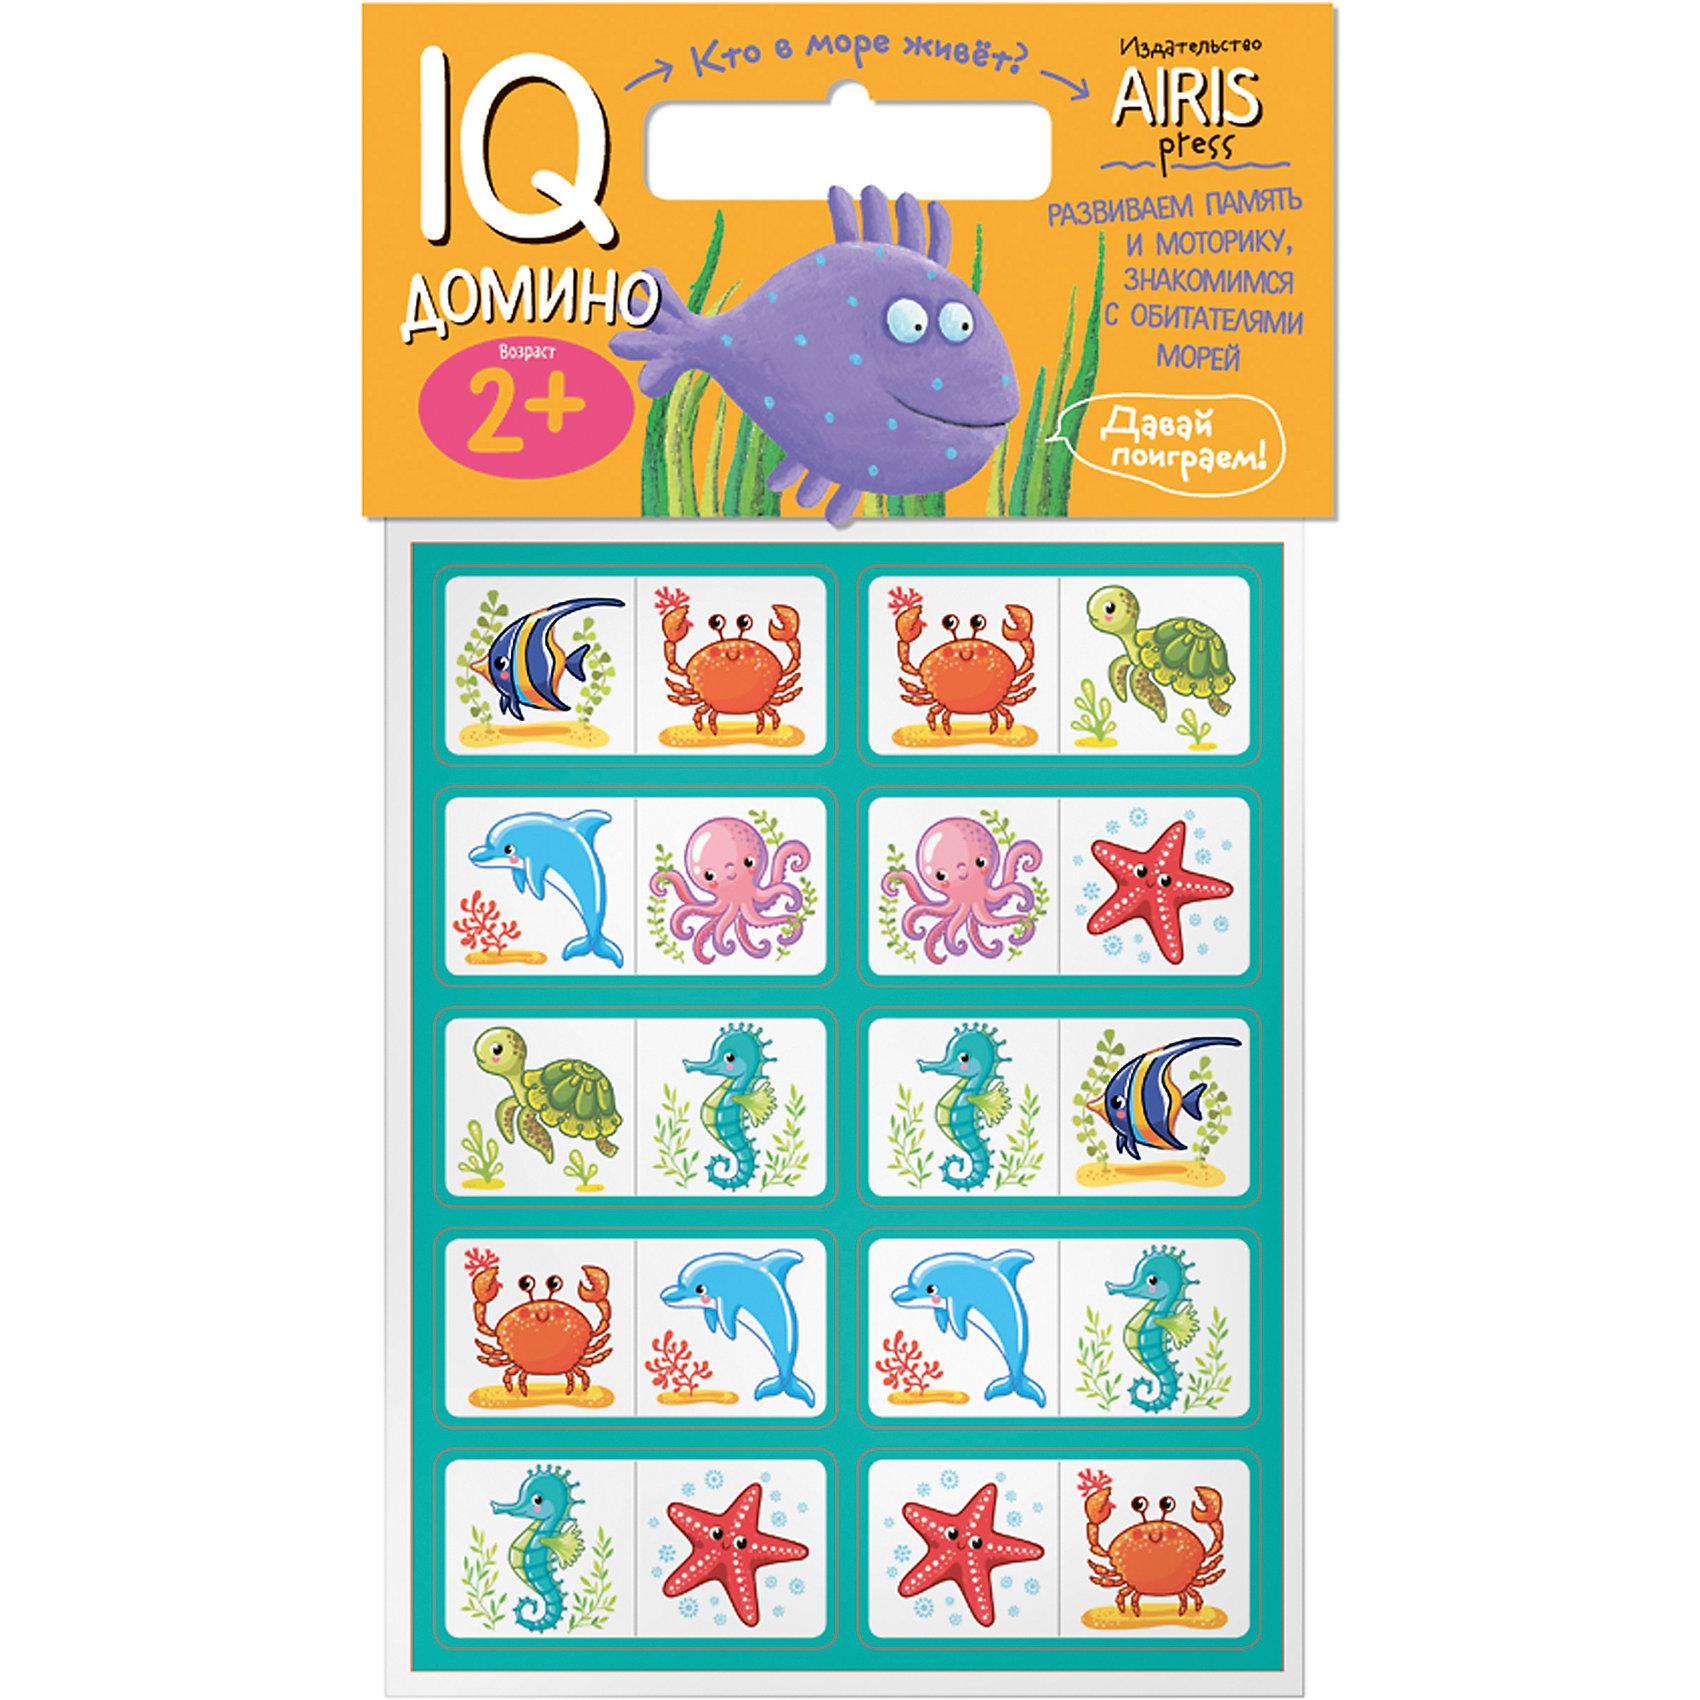 Домино Кто в море живет?Домино<br>Характеристики товара:<br><br>• возраст: от 2 лет<br>• комплектация: 20 объёмных карточек с цветным изображением морских животных<br>• автор: Куликова Е.Н.<br>• производитель: Айрис-пресс<br>• серия: IQ игры<br>• материал: EVA<br>• упаковка: пакет с хедером.<br>• размер упаковки: 22,5х17,5х2 см.<br>• вес: 66 гр.<br><br>Домино «Кто в море живёт?» – это увлекательная настольная игра для ознакомления ребёнка с обитателями морей и океанов, развития воображения, логического мышления и моторики.<br><br>Набор состоит из 20 объёмных карточек с цветным изображением морских животных. Карточки сделаны из мягкого, прочного и безопасного материала EVA. Они удобно ложатся в детскую руку, в отличие от картонных прекрасно сохраняют форму и отлично подходят для настольных познавательных игр.<br><br>Цель игры - разместить картинки друг за другом по принципу «одинаковые животные» (рыба - рыба, морская звезда - морская звезда и т.д.). Ребёнок может играть один или привлечь к игре несколько участников. В этом случае победителем становится тот, кто первым разложит все свои карточки.<br><br>На упаковке набора дано описание игр с мягкими карточками-фишками.<br><br>Домино Кто в море живет? можно купить в нашем интернет-магазине.<br><br>Ширина мм: 20<br>Глубина мм: 175<br>Высота мм: 225<br>Вес г: 66<br>Возраст от месяцев: 24<br>Возраст до месяцев: 36<br>Пол: Унисекс<br>Возраст: Детский<br>SKU: 6849517